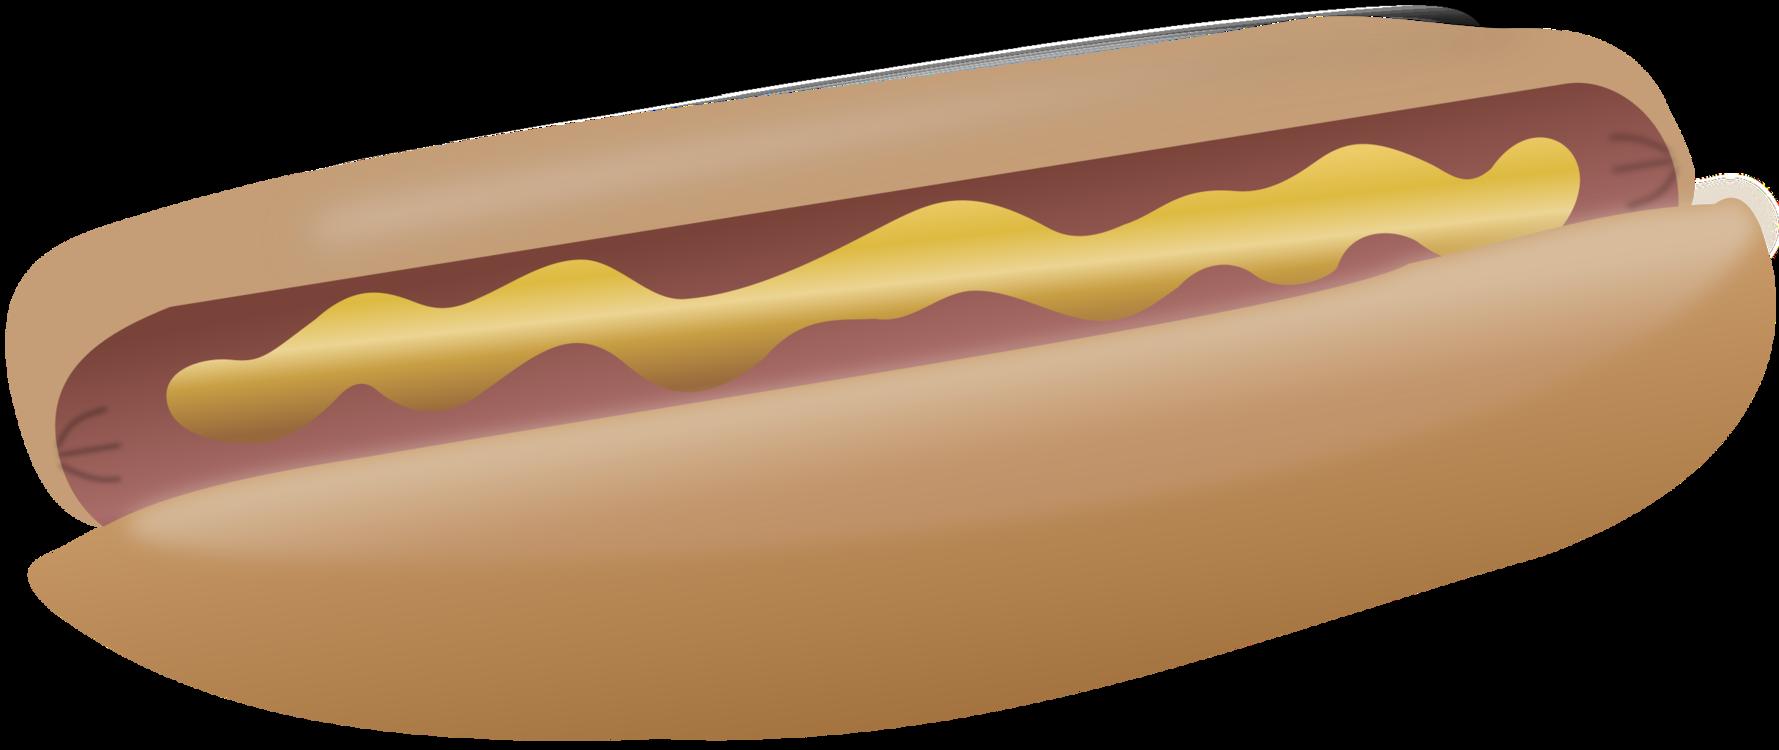 Hot Dog,Jaw,Hot Dog Bun